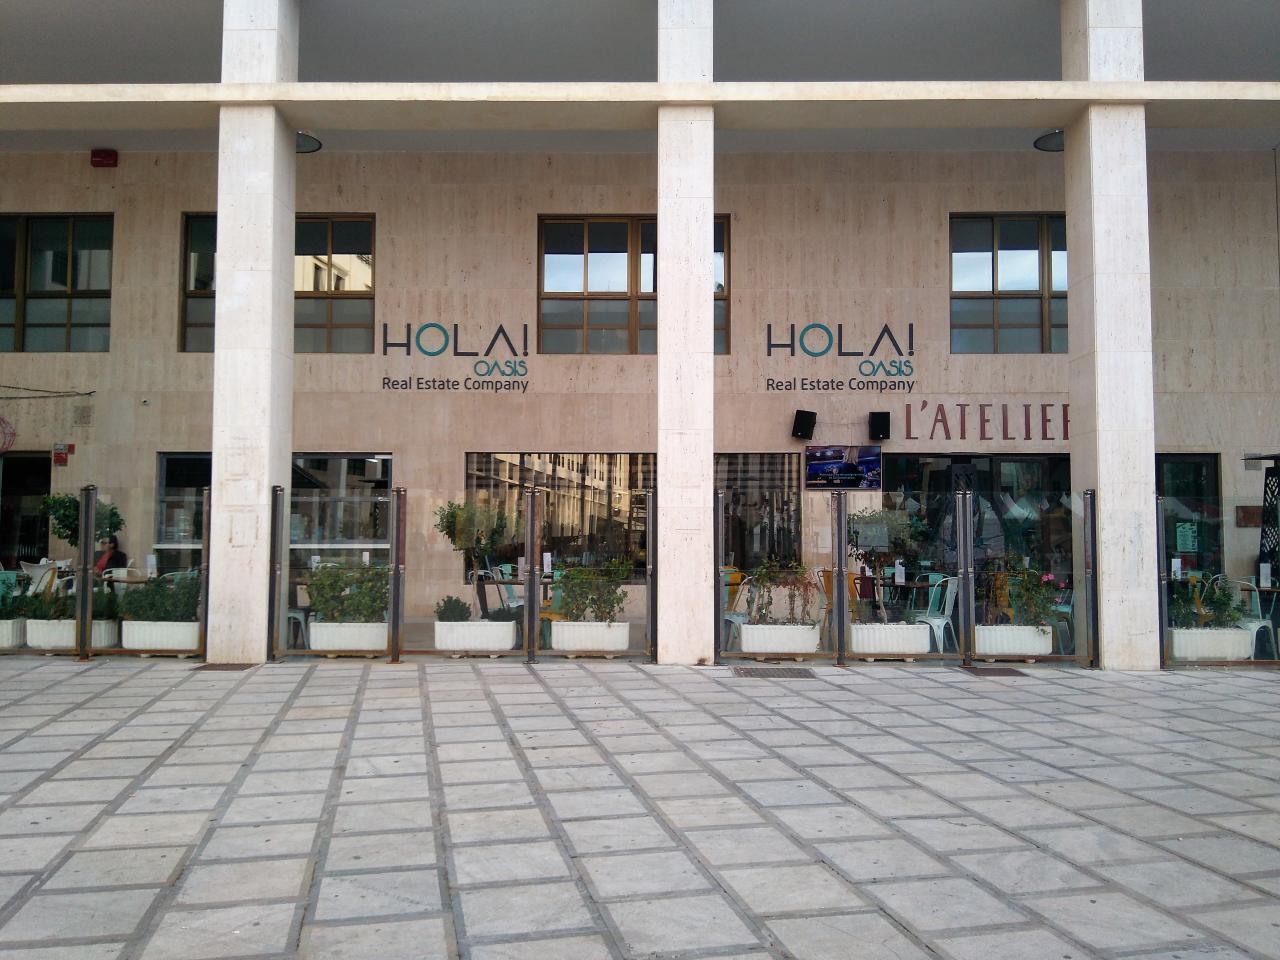 HOLA! Oasis